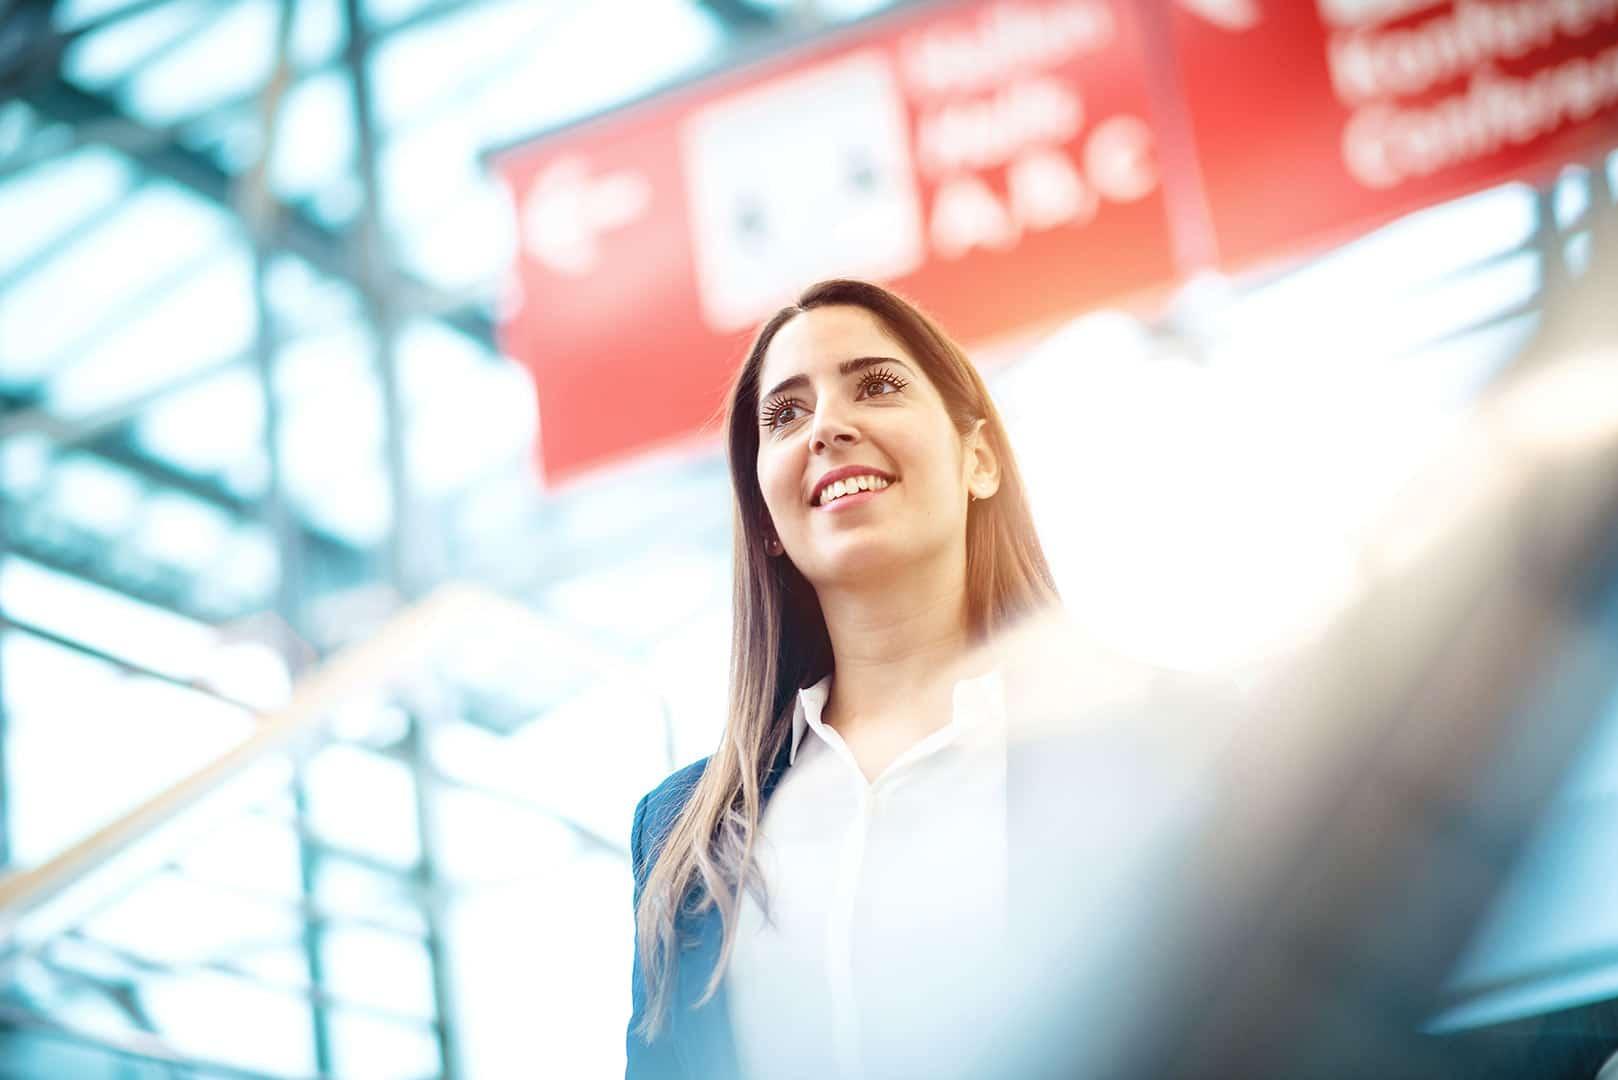 Businessfrau läuft auf einer Treppe, blickt mit Zuversicht und Freude in die Weite